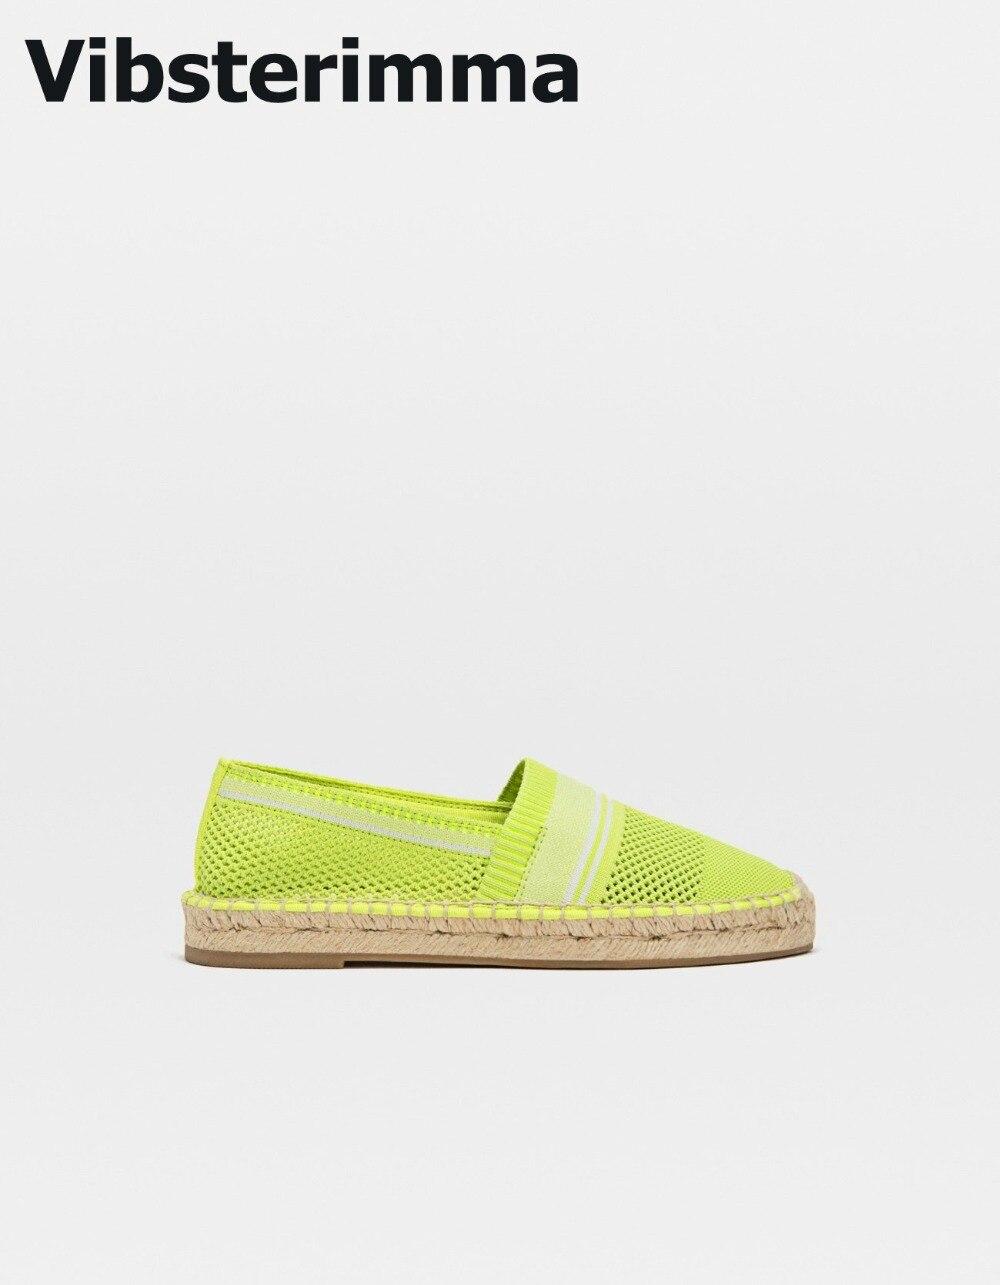 Vibsterimma/Лидер продаж 2019 г. Эспадрильи с вырезами, женские лоферы, женская повседневная обувь на плоской подошве